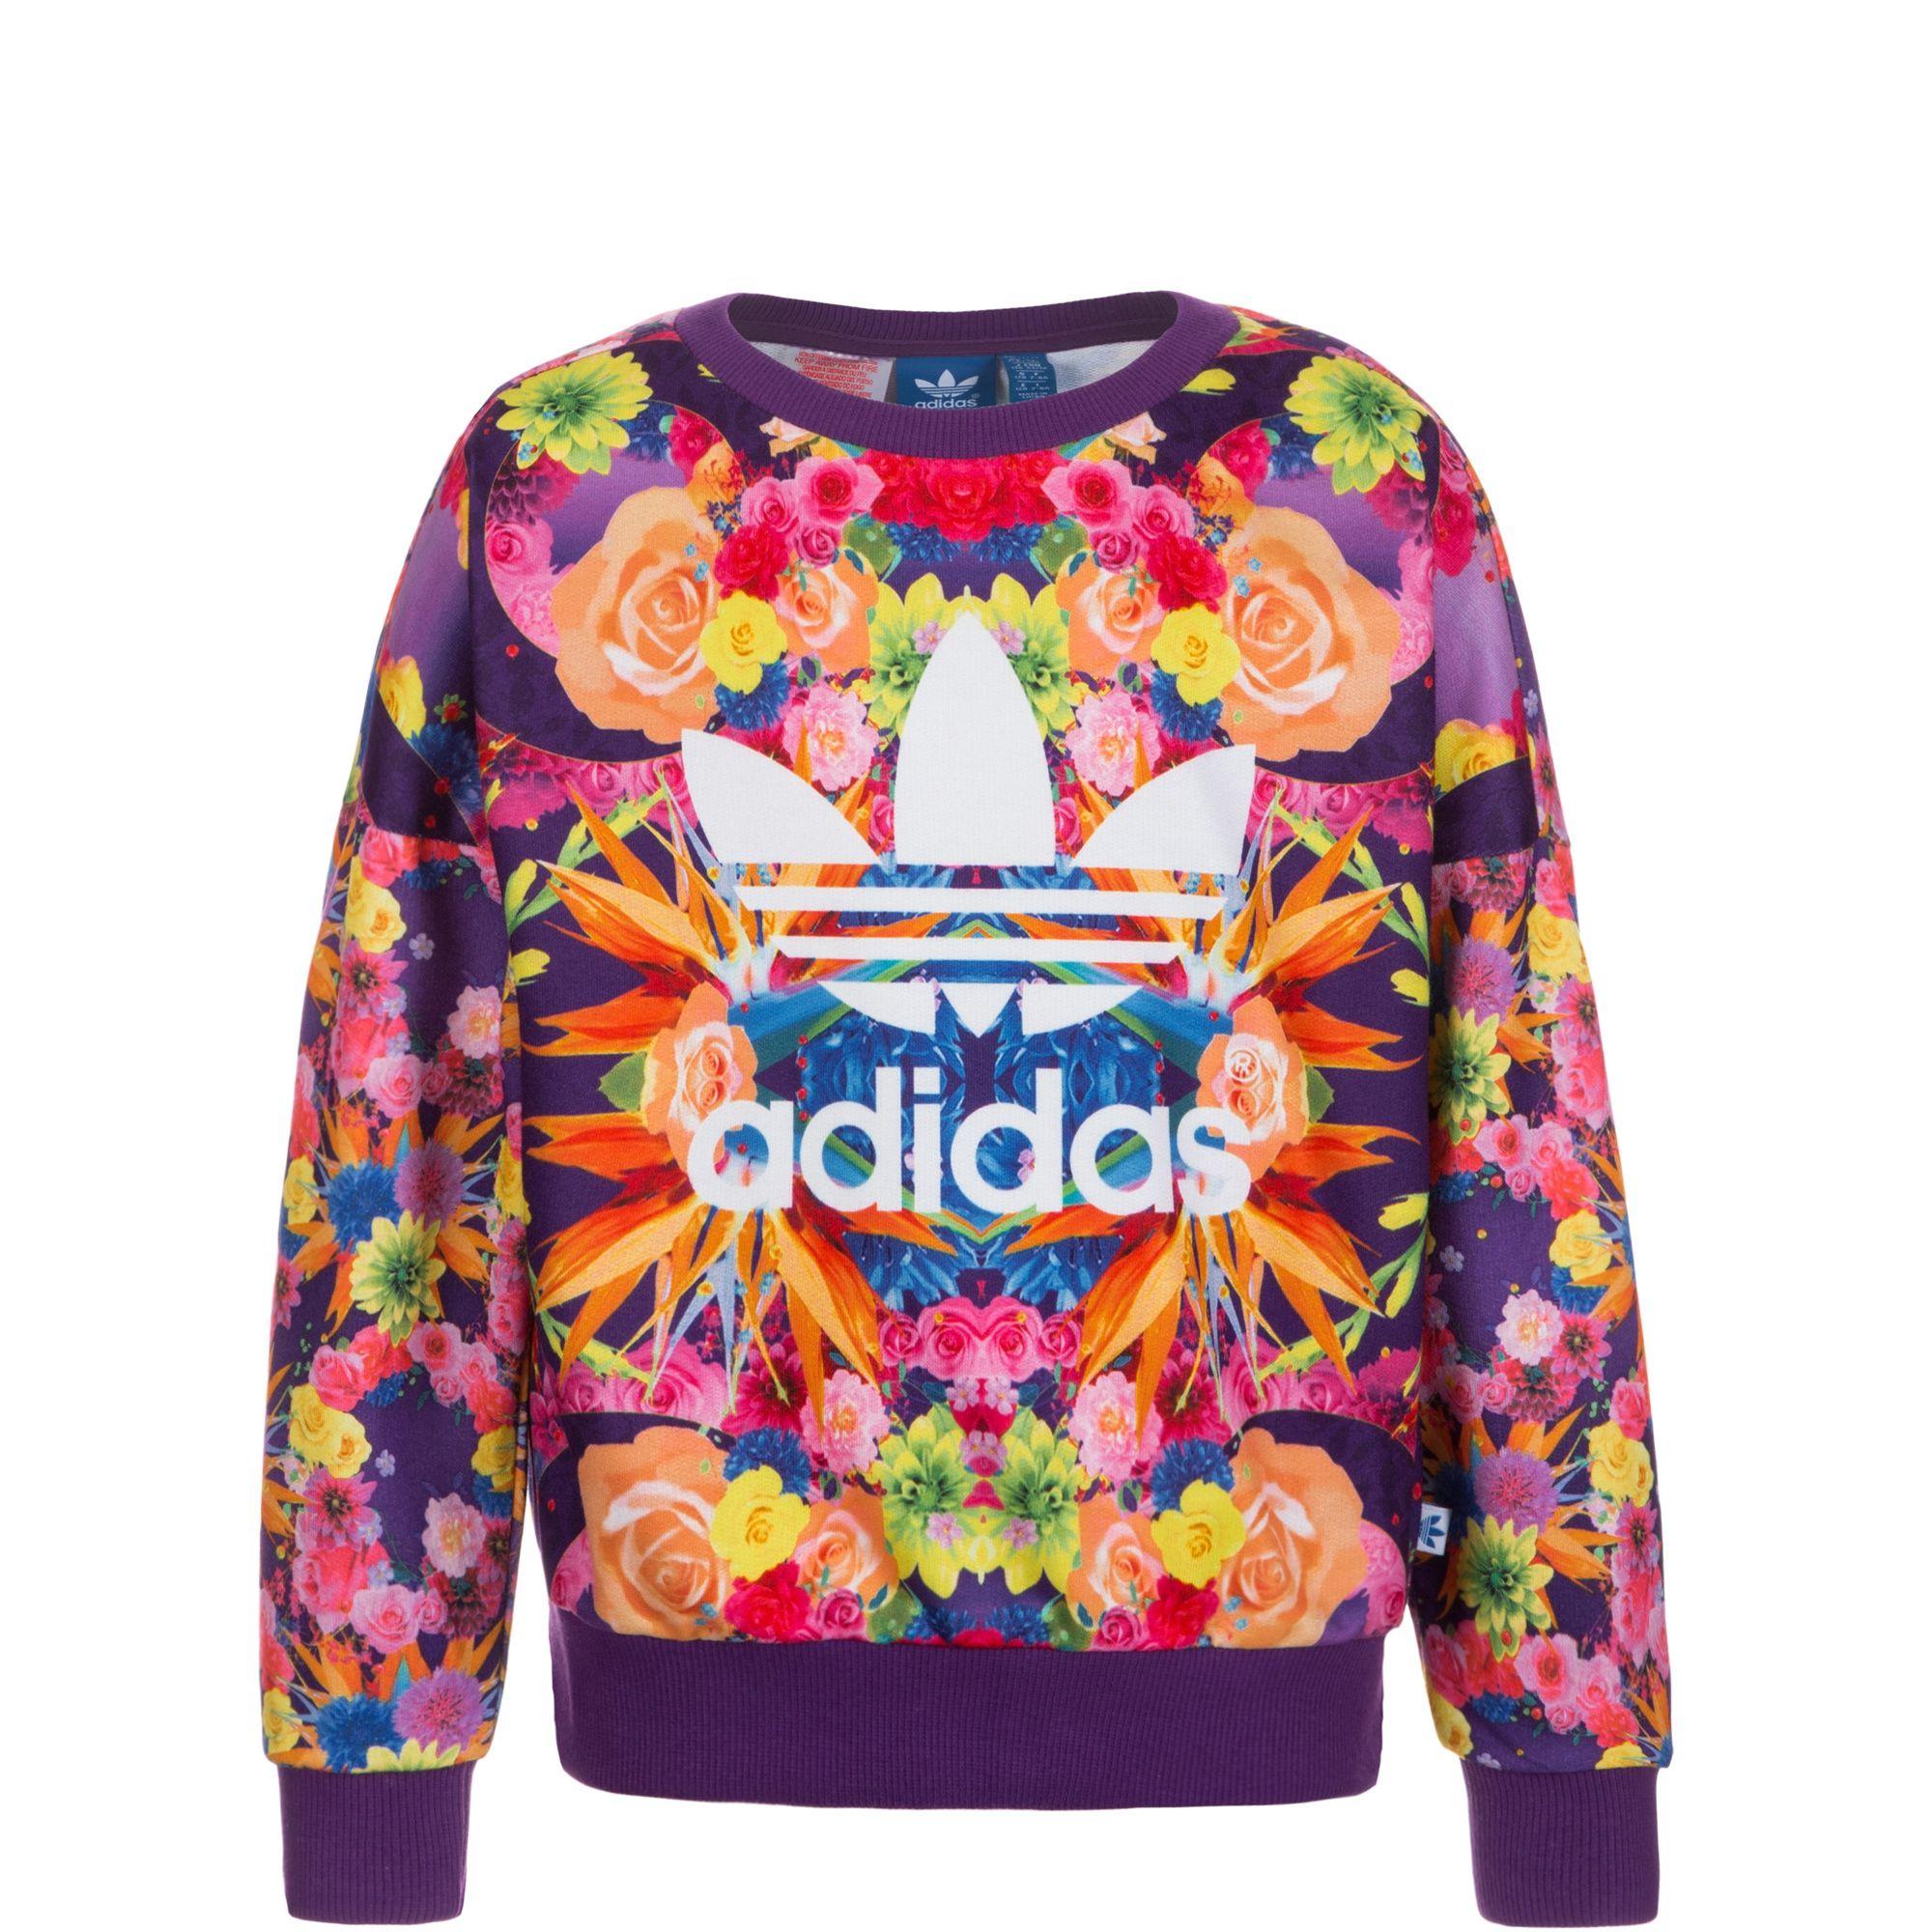 adidas sweatshirt kinder bunt